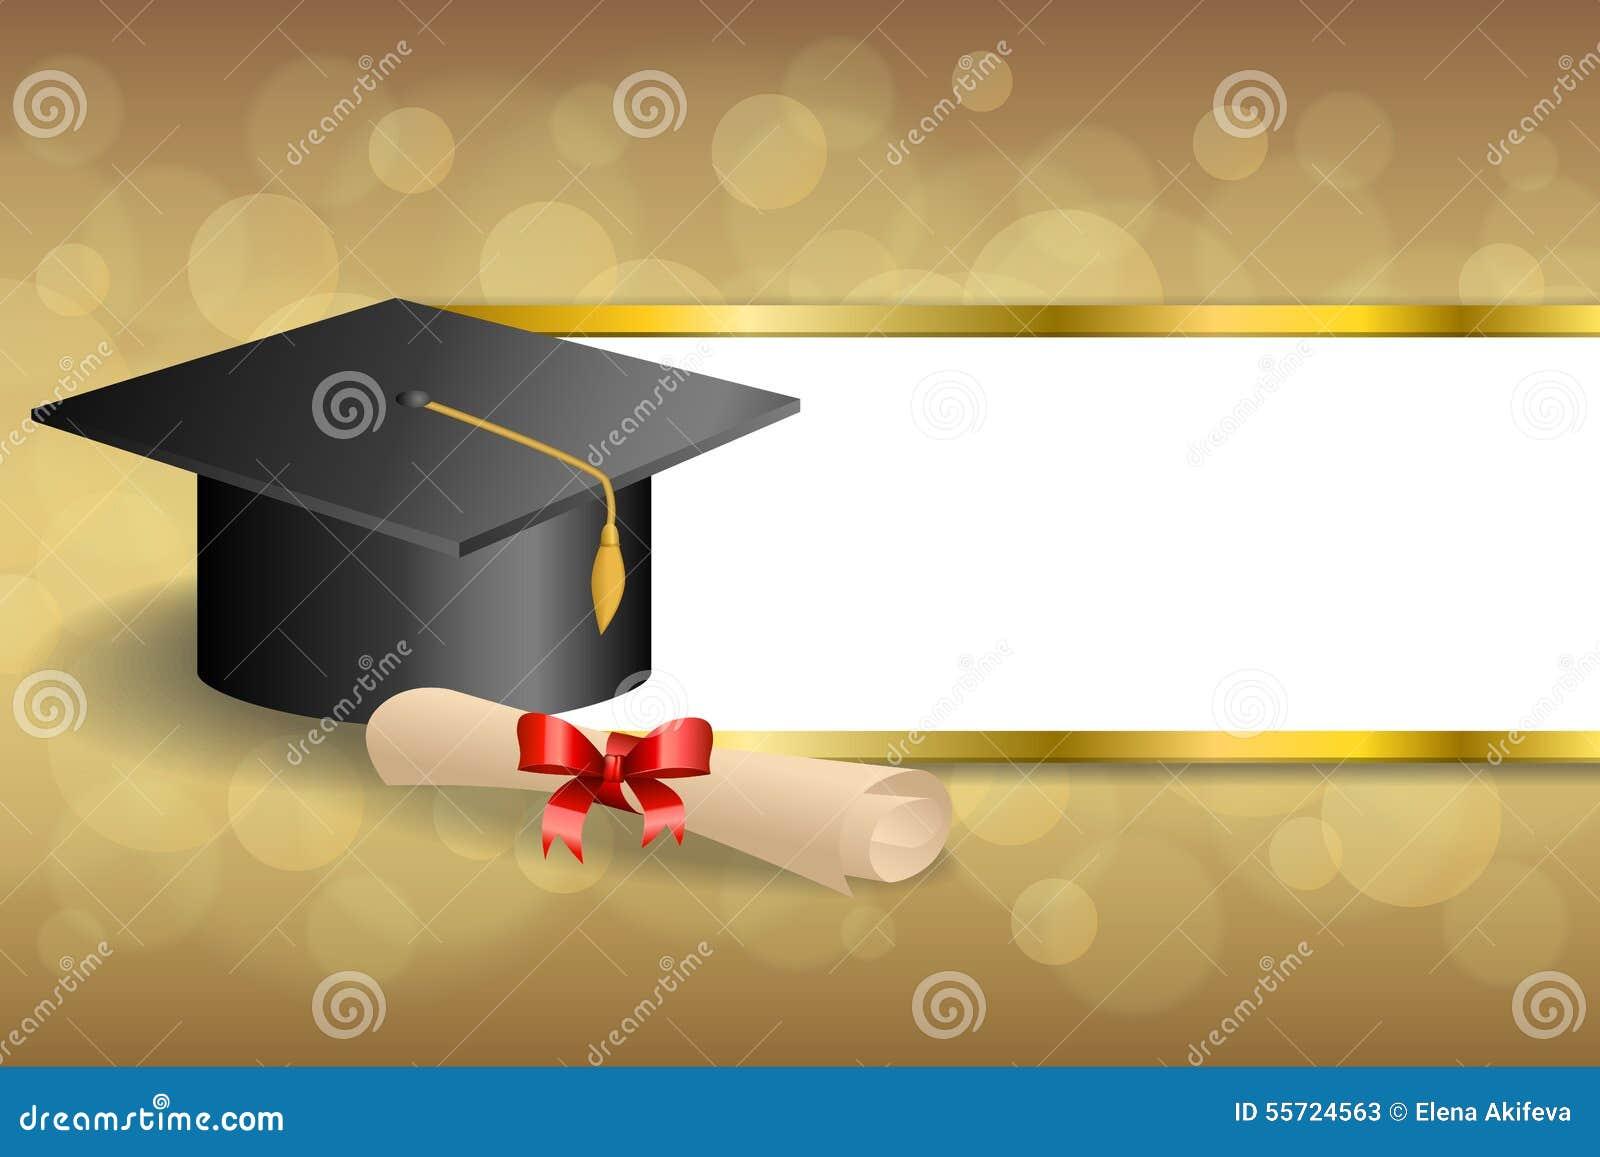 Streift rotes Bogengold des abstrakten Bildungsstaffelungskappendiploms des Hintergrundes beige Rahmenillustration